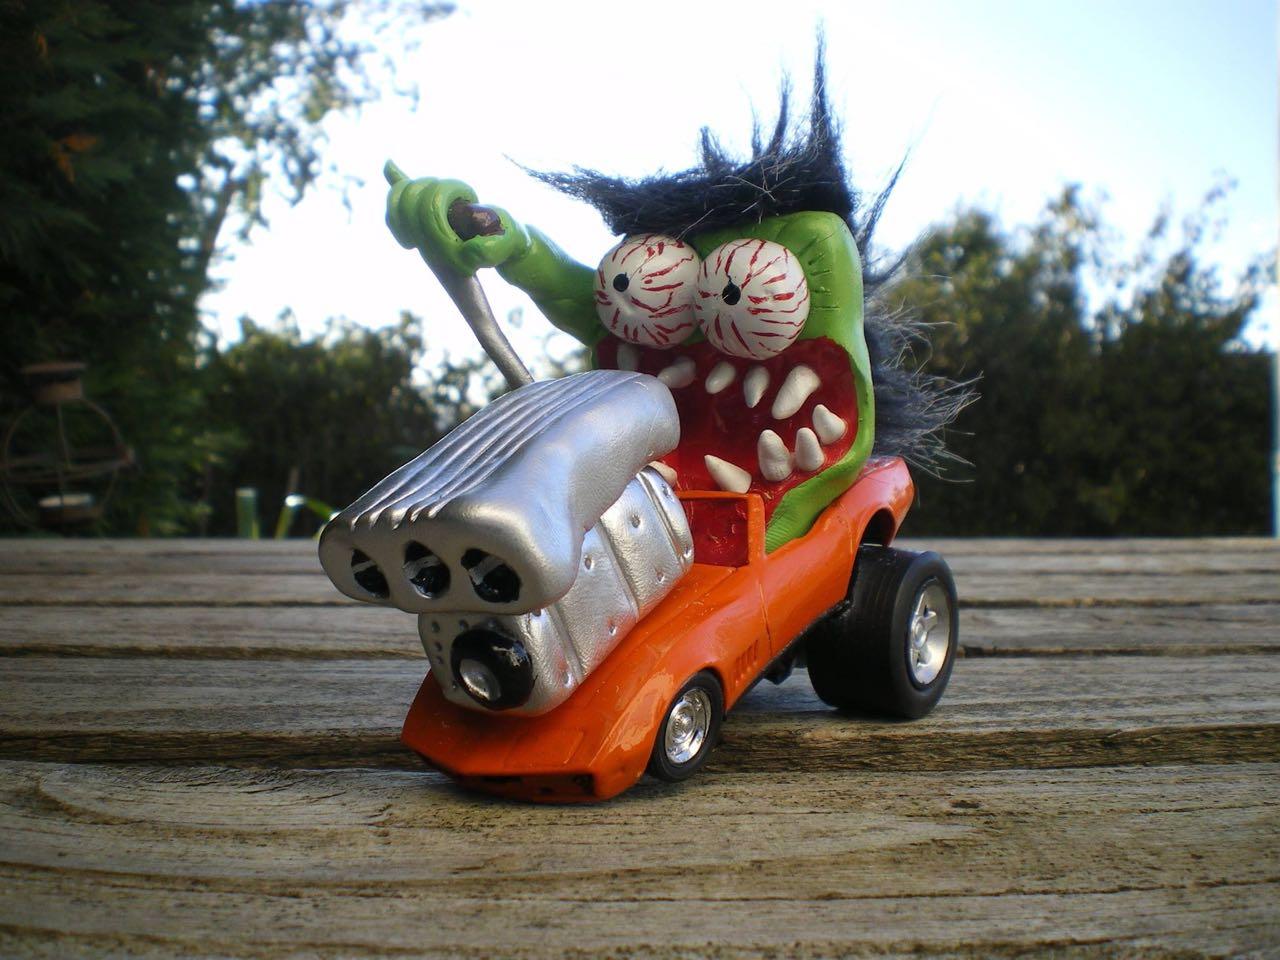 #Petrolhead : Funny Monsters - Délire ! 1